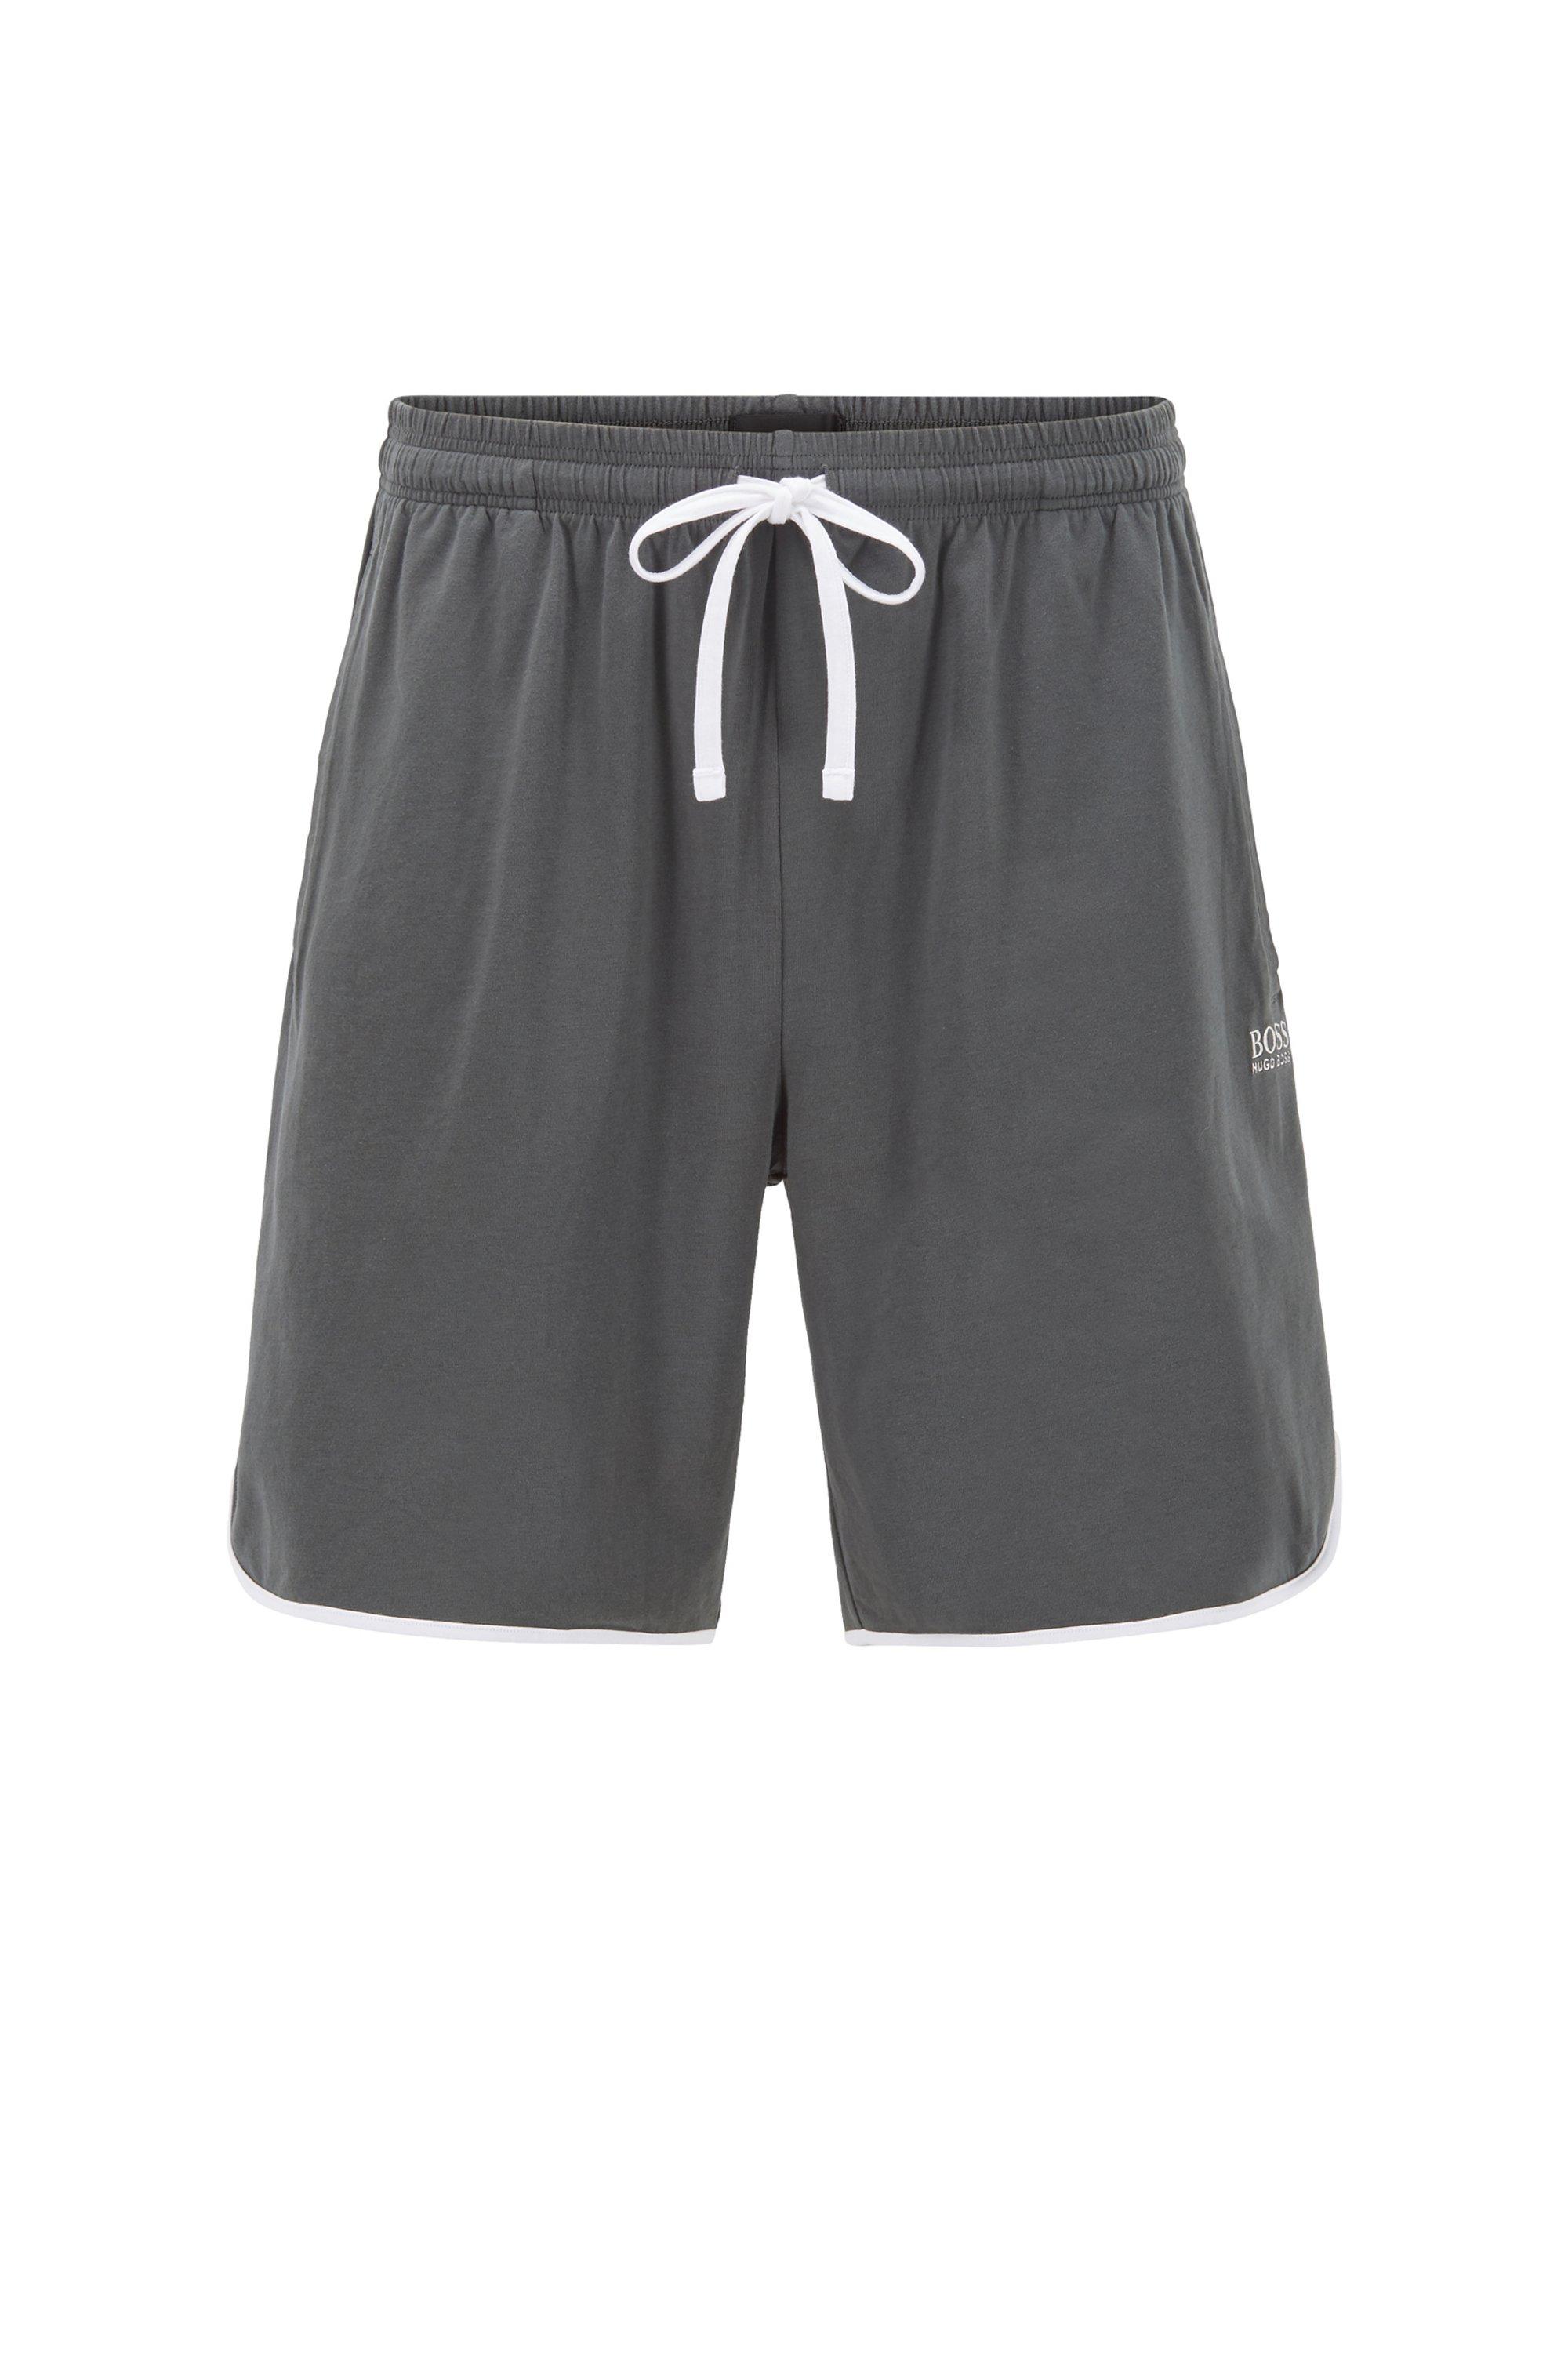 Loungewear-Shortsaus Single Jersey mit kontrastfarbenen Paspeln, Dunkelgrau